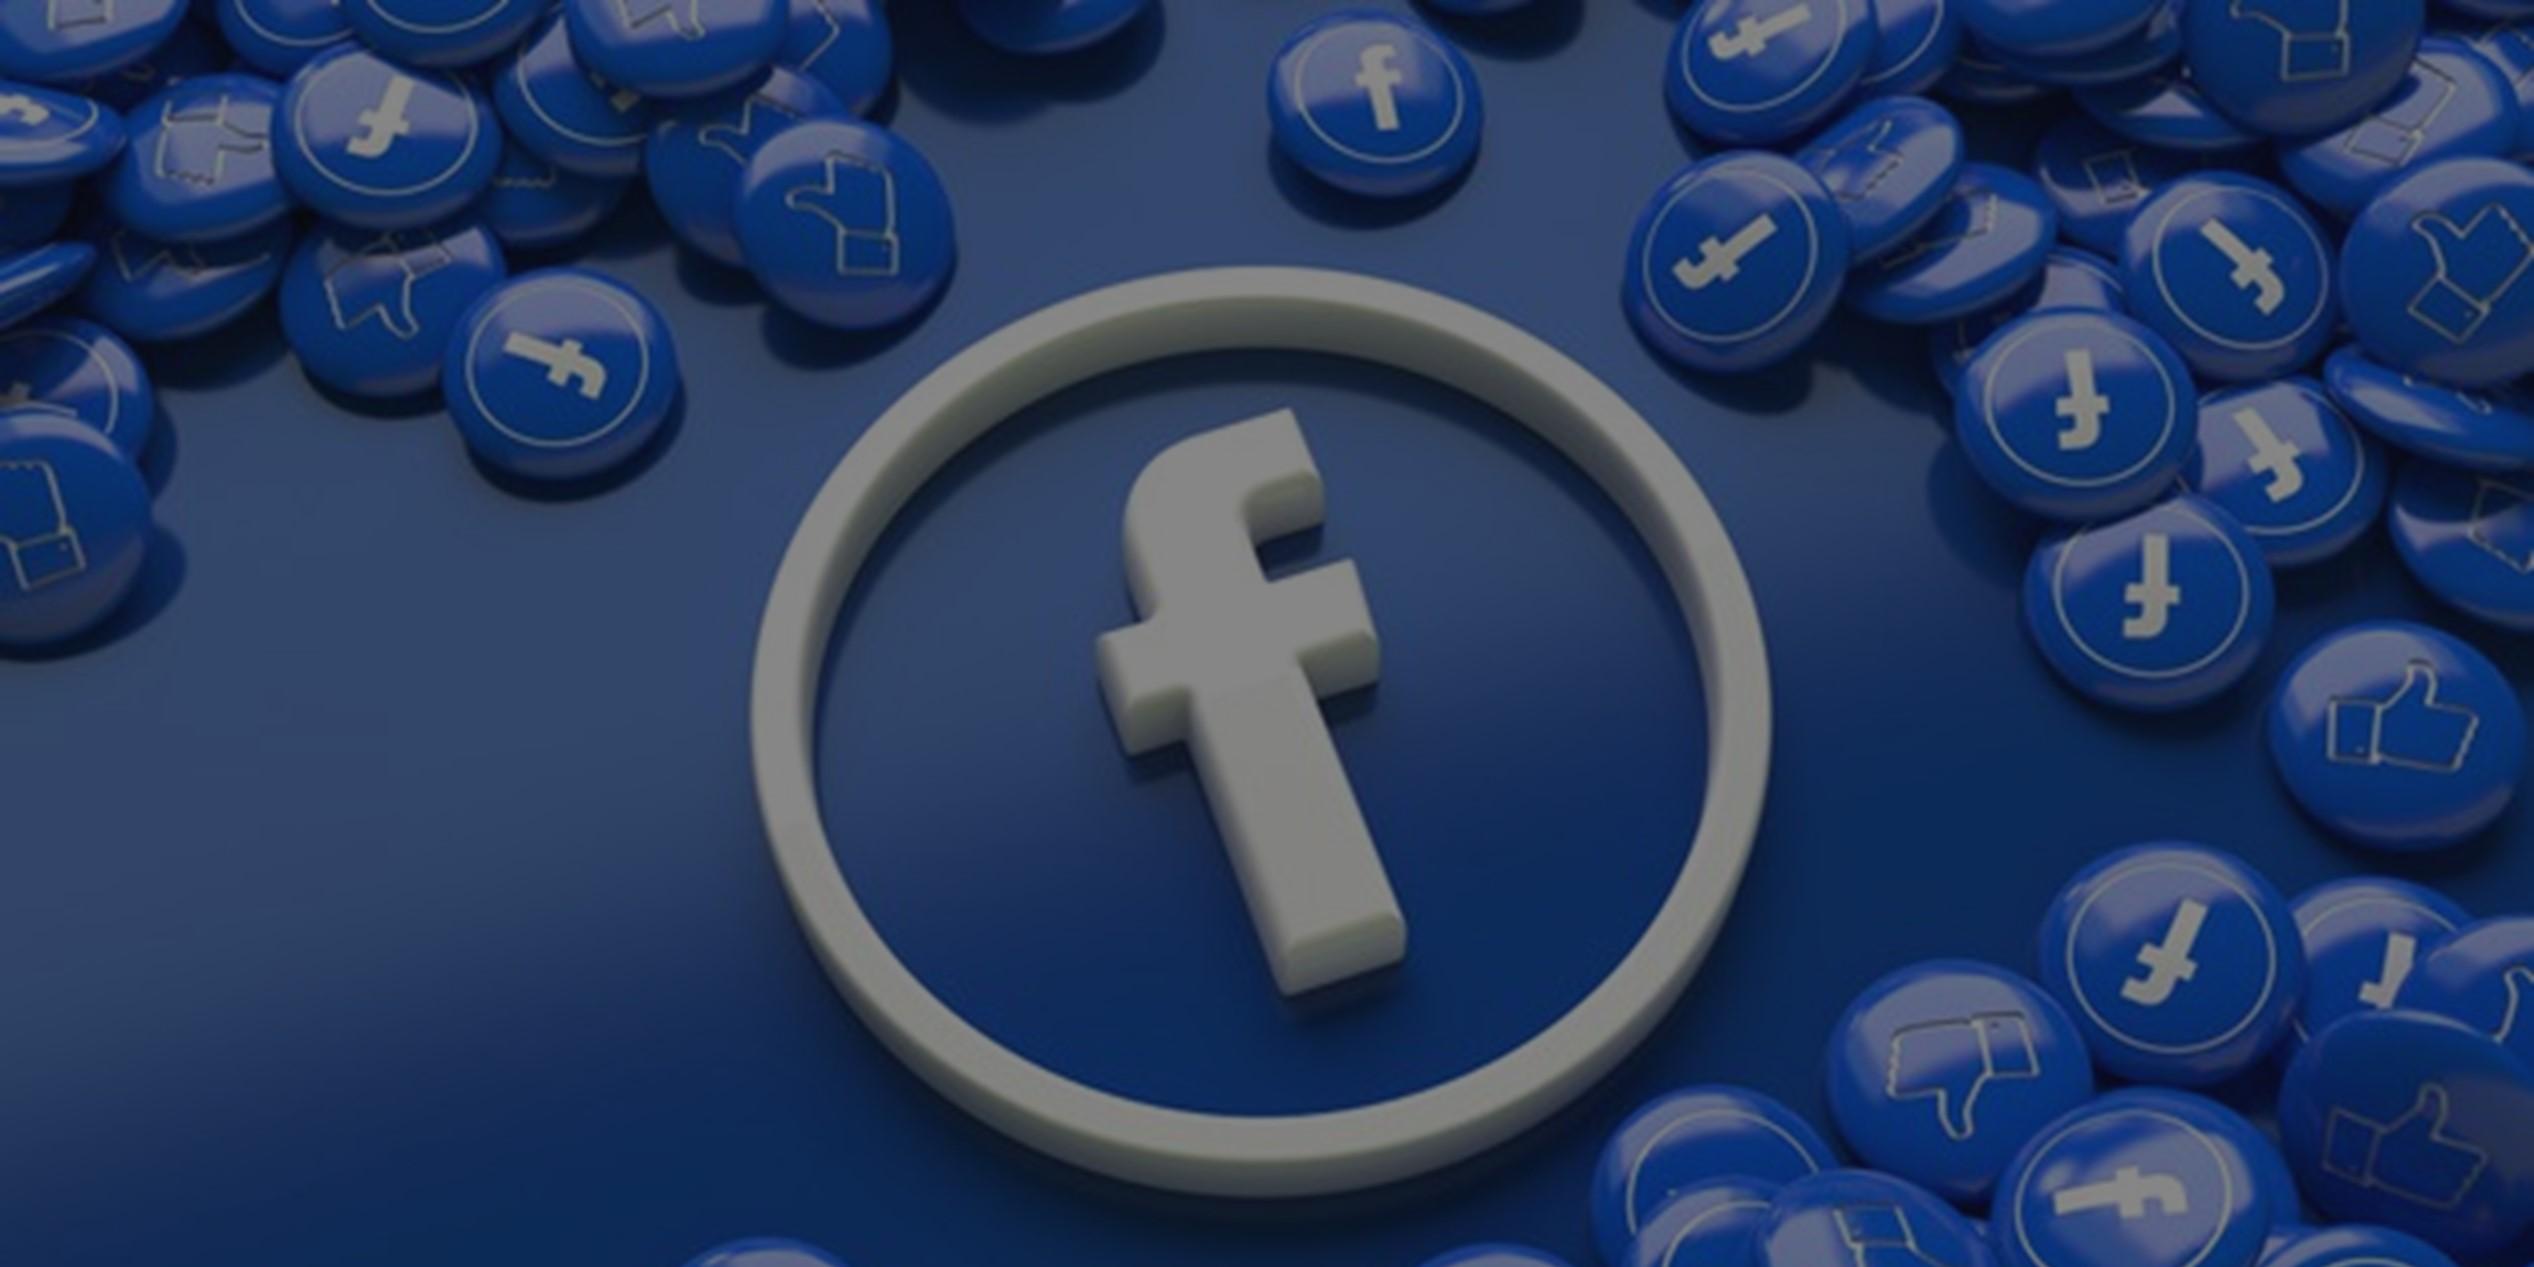 Facebook-Anuncios-campañas-palabras-tachadas-lima-perú